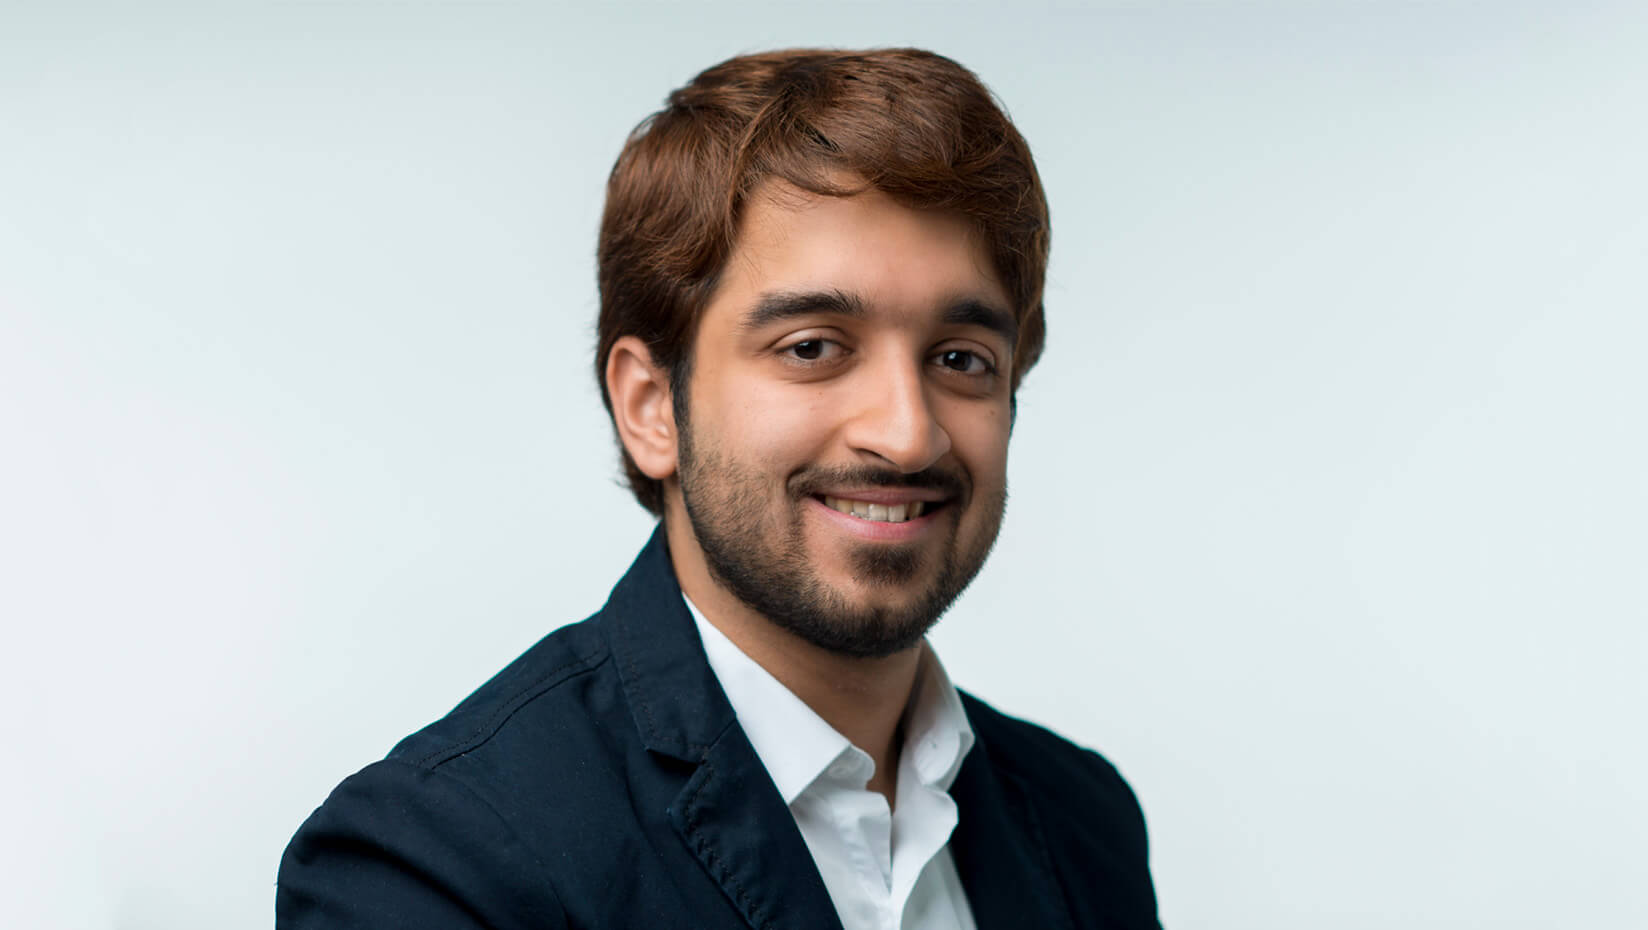 Yousuf Ali